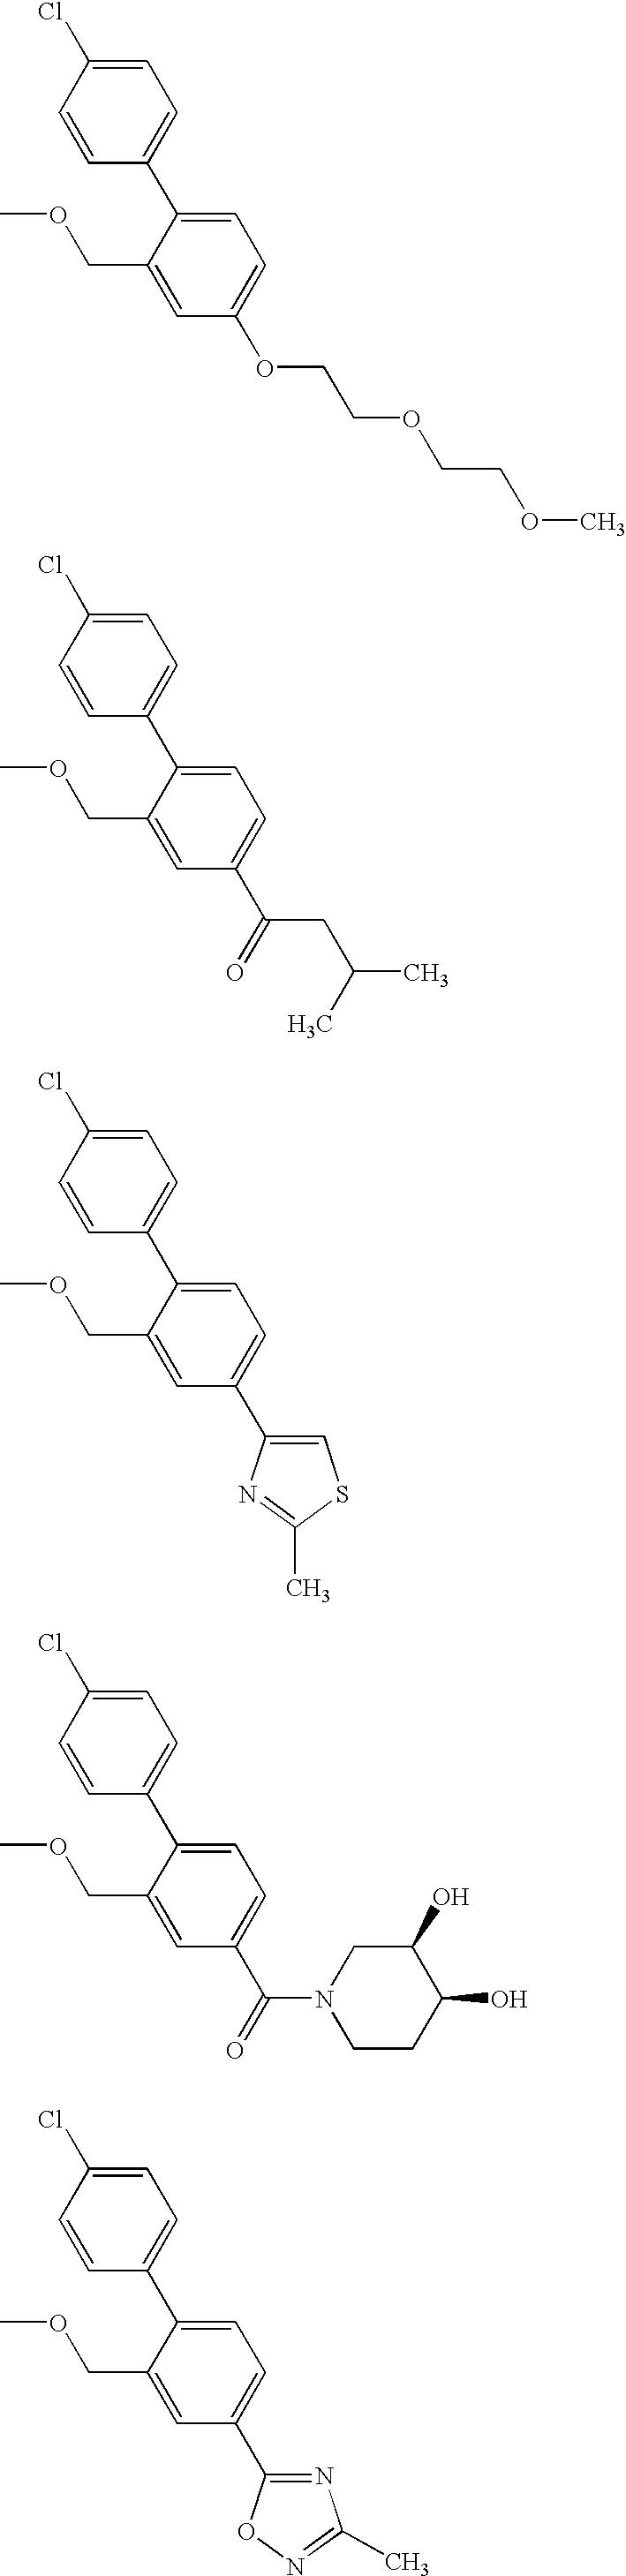 Figure US20070049593A1-20070301-C00245